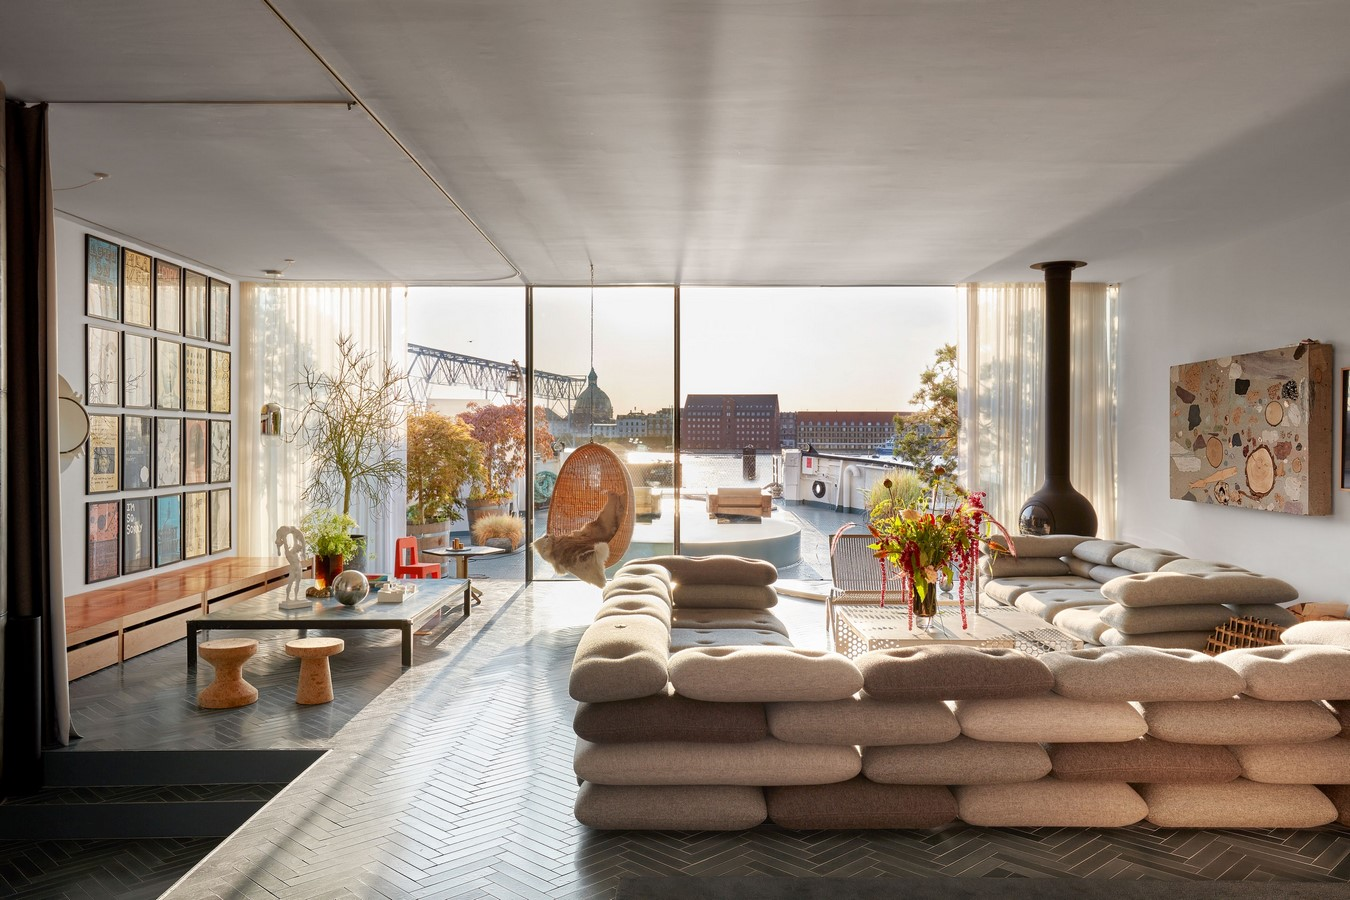 A look inside Bjarke Ingels's Innovative Houseboat - Sheet3